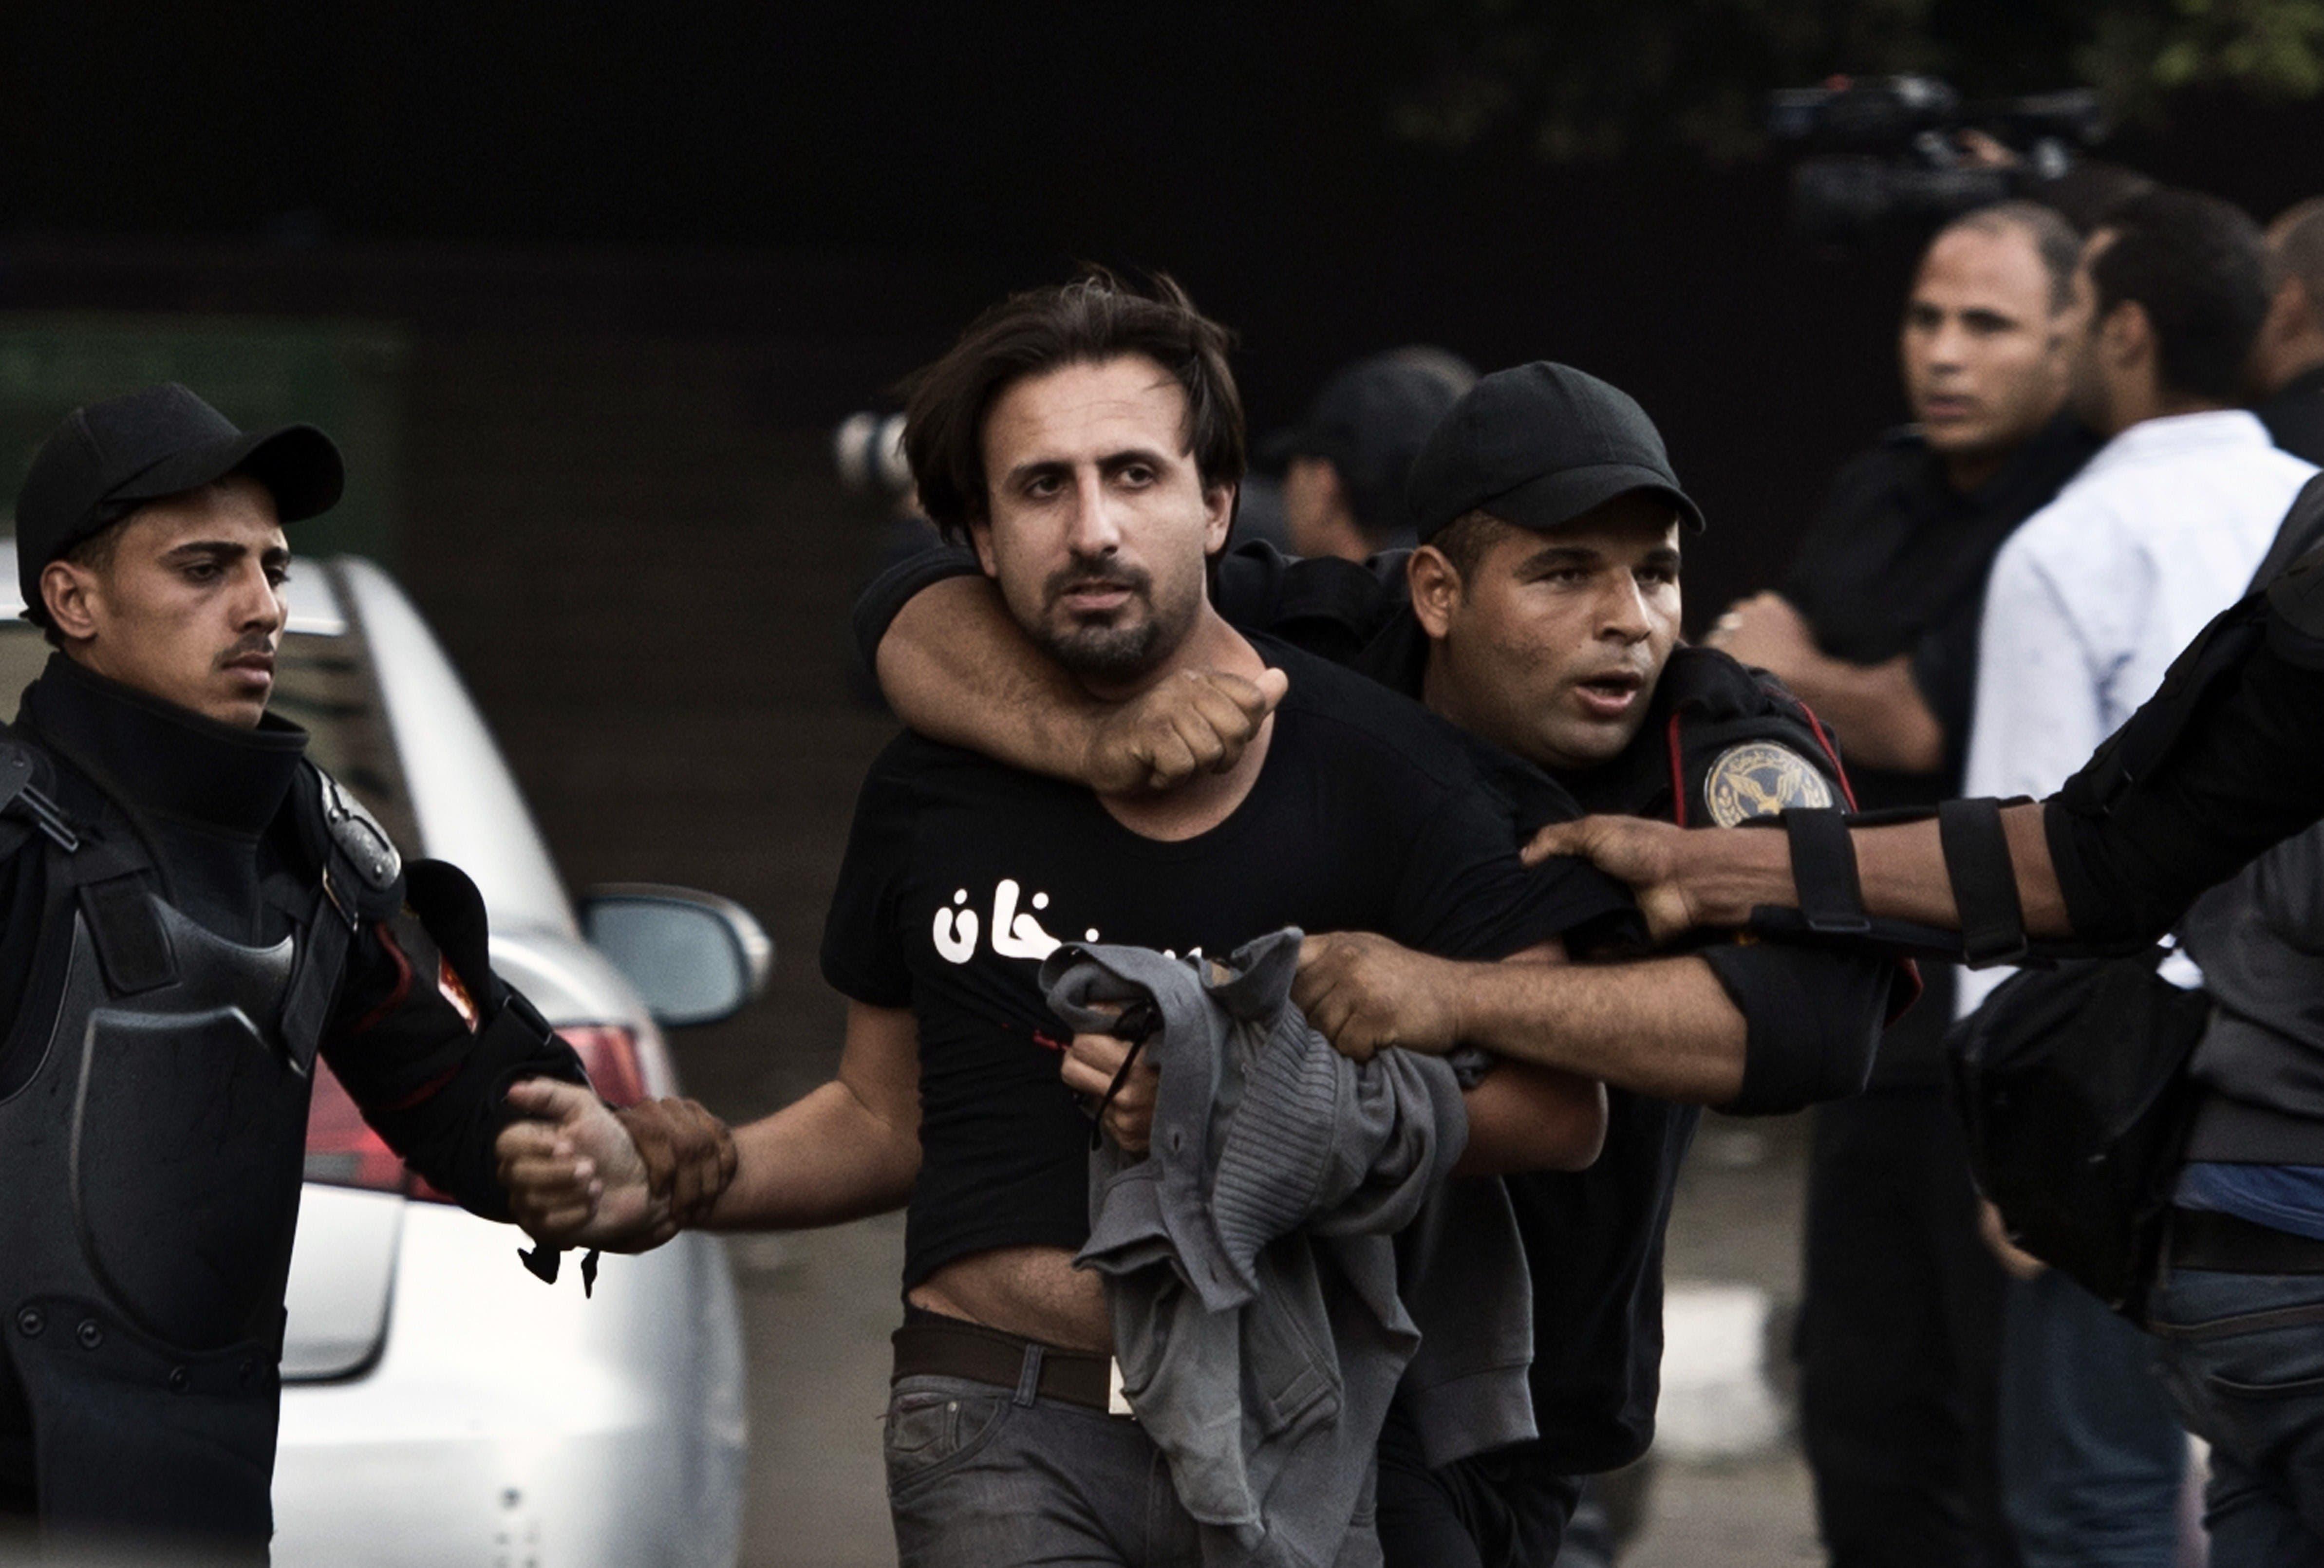 إلقاء القبض على أحد الناشطين أمام مجلس الشورى